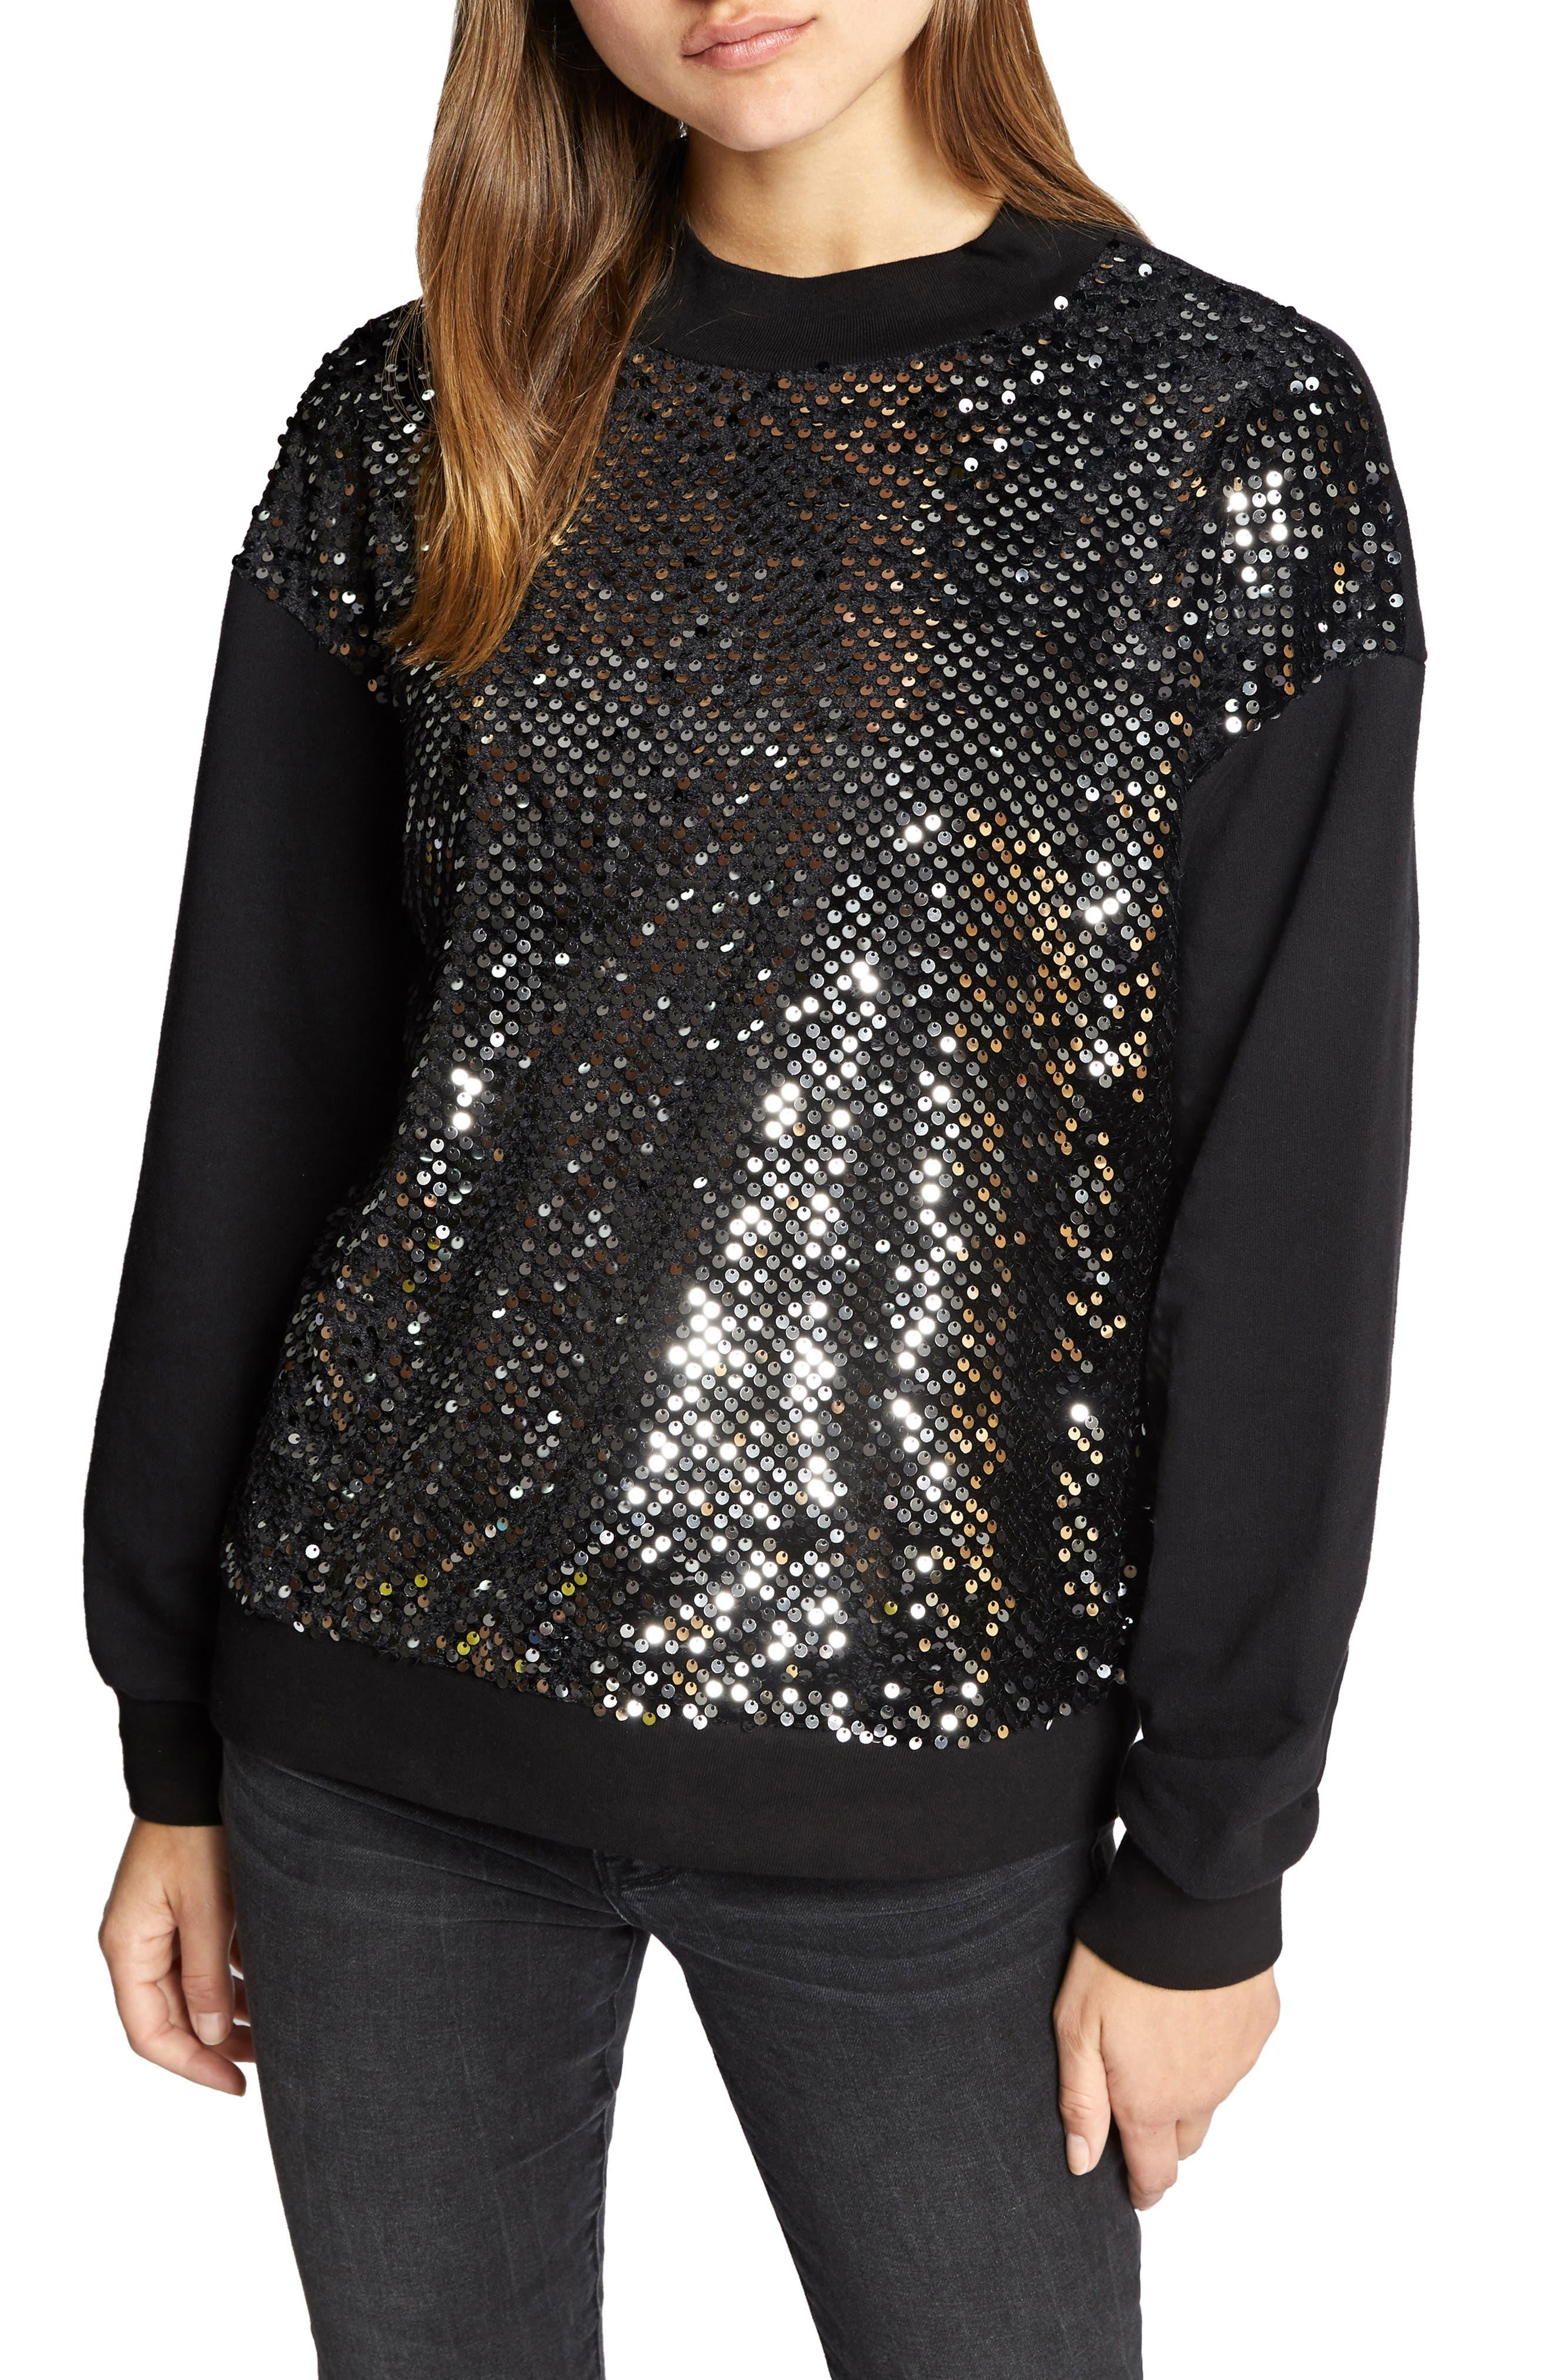 Last Dance Sequin Sweatshirt,                             Main thumbnail 1, color,                             BLACK/ SILVER